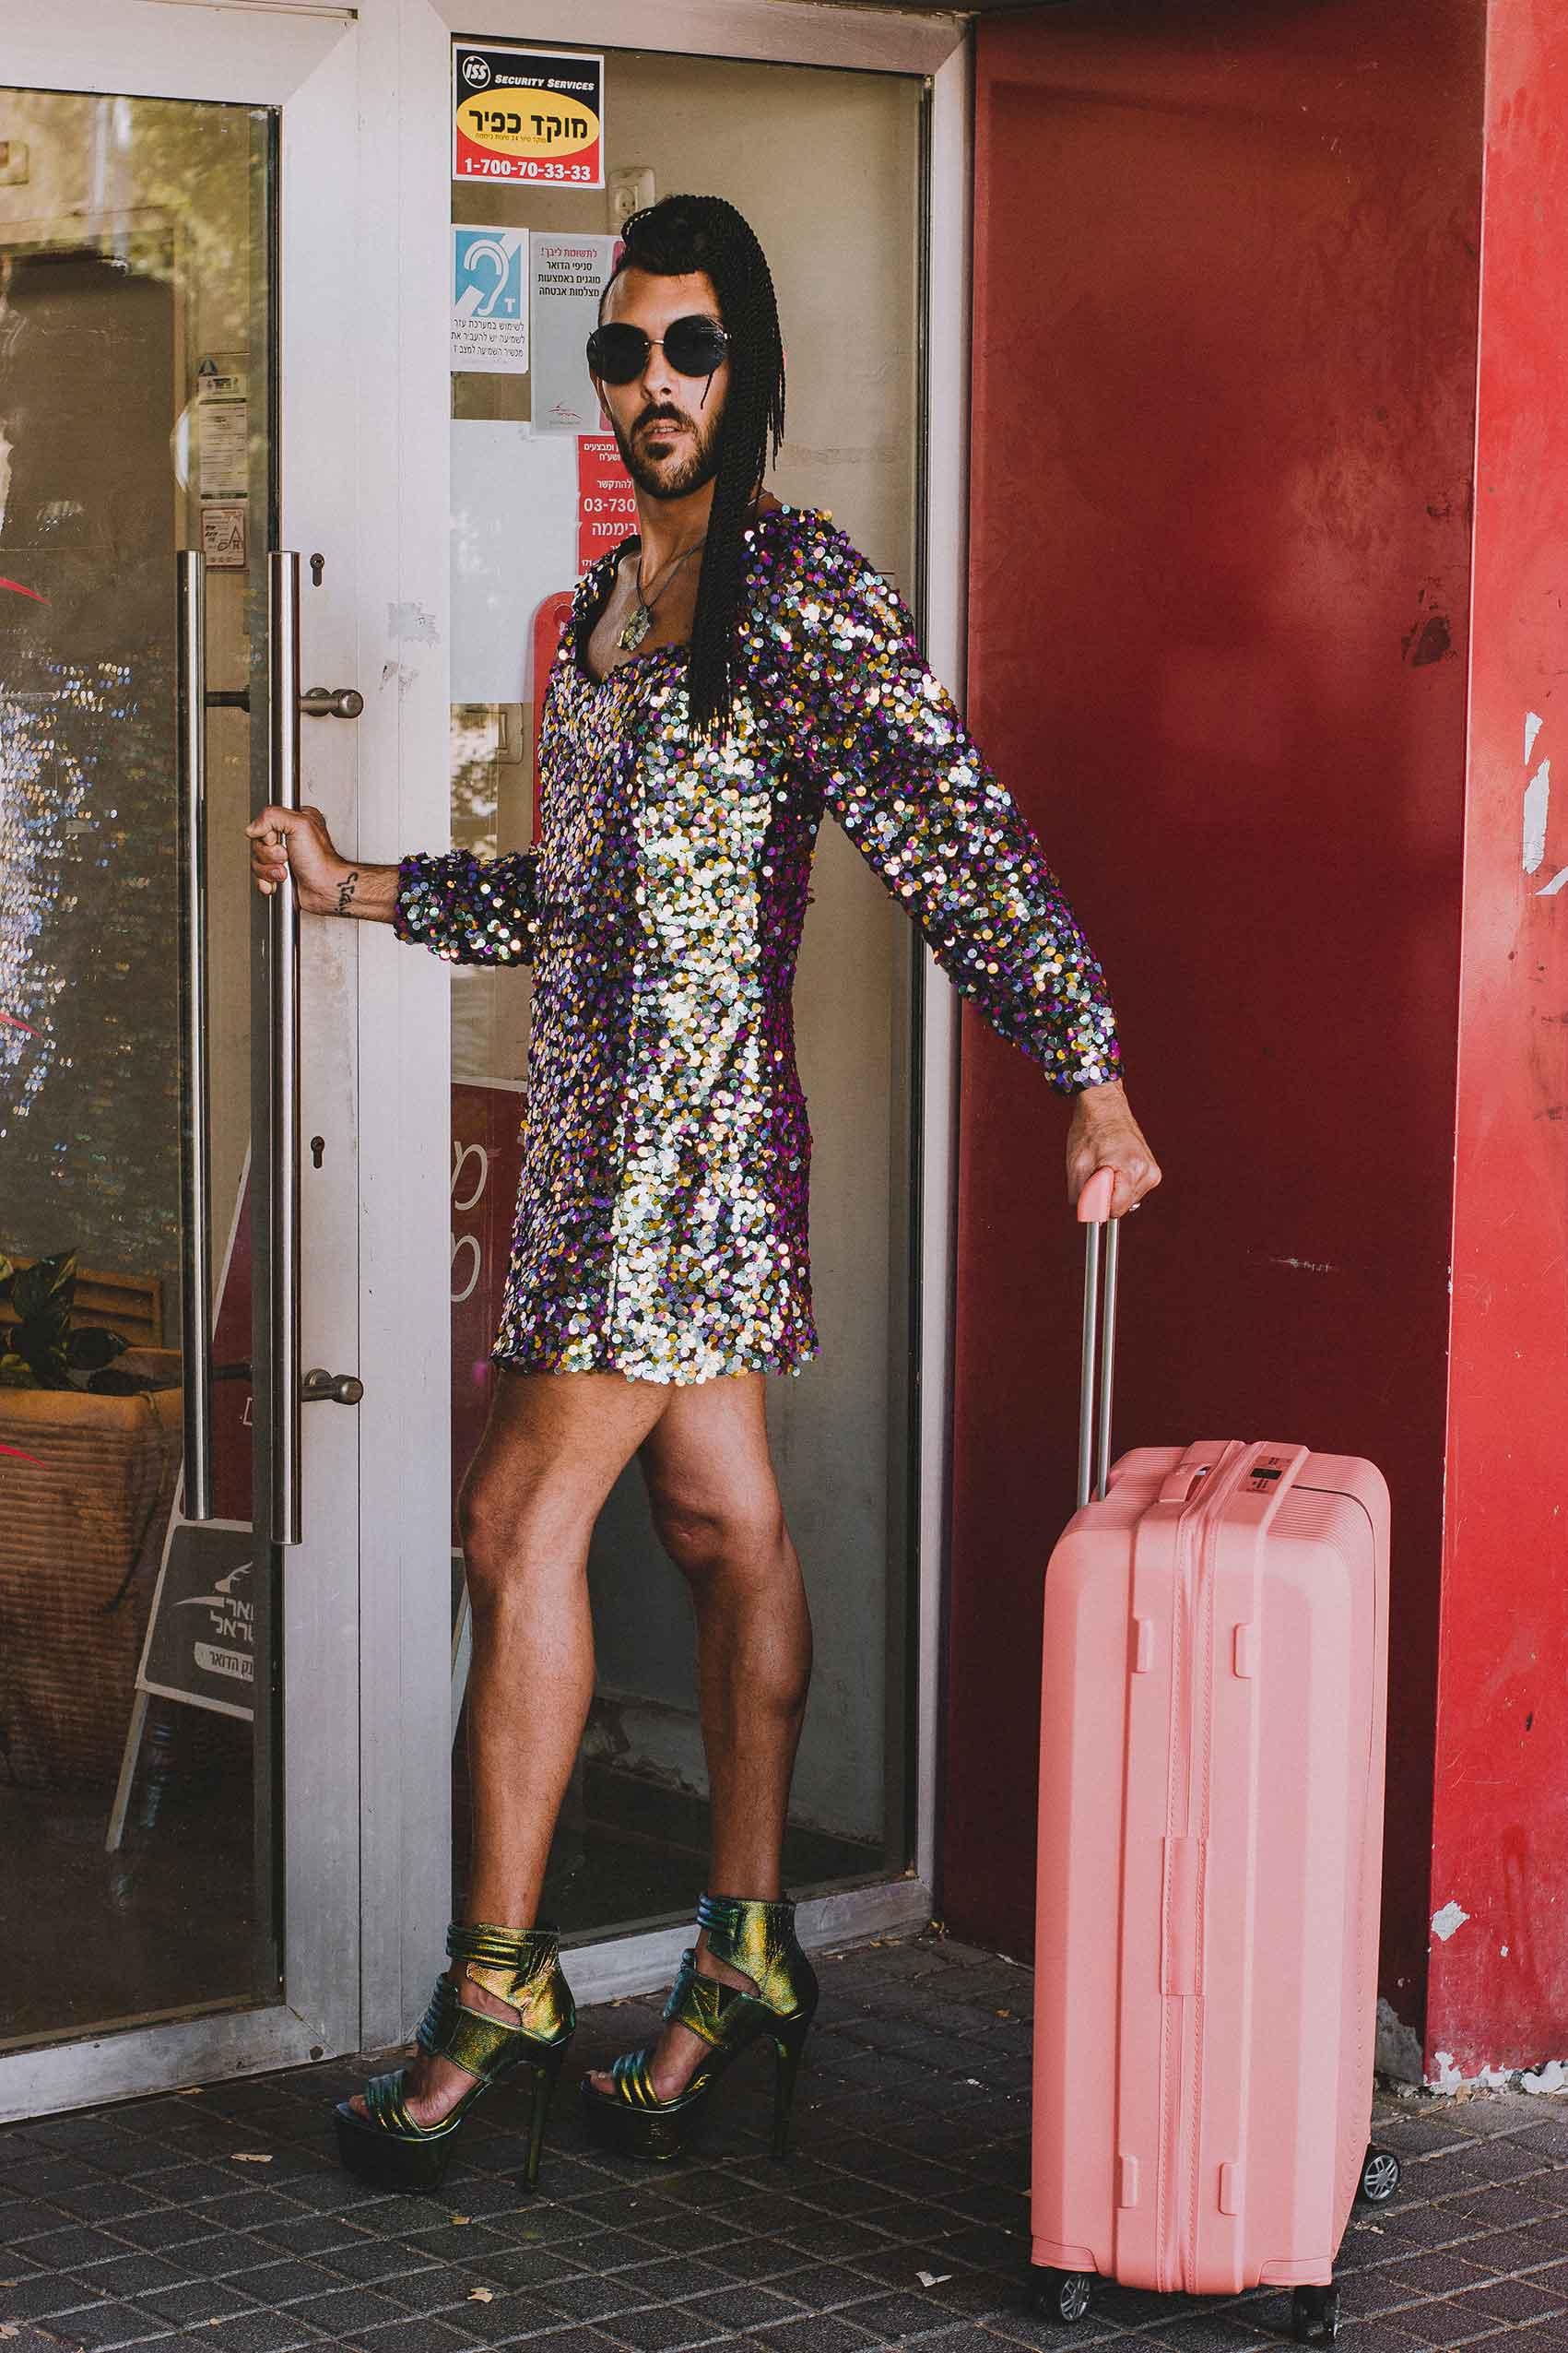 שמלה: שחר רבן, משקפיים: CHANEL, מזוודה: SAMSONIT